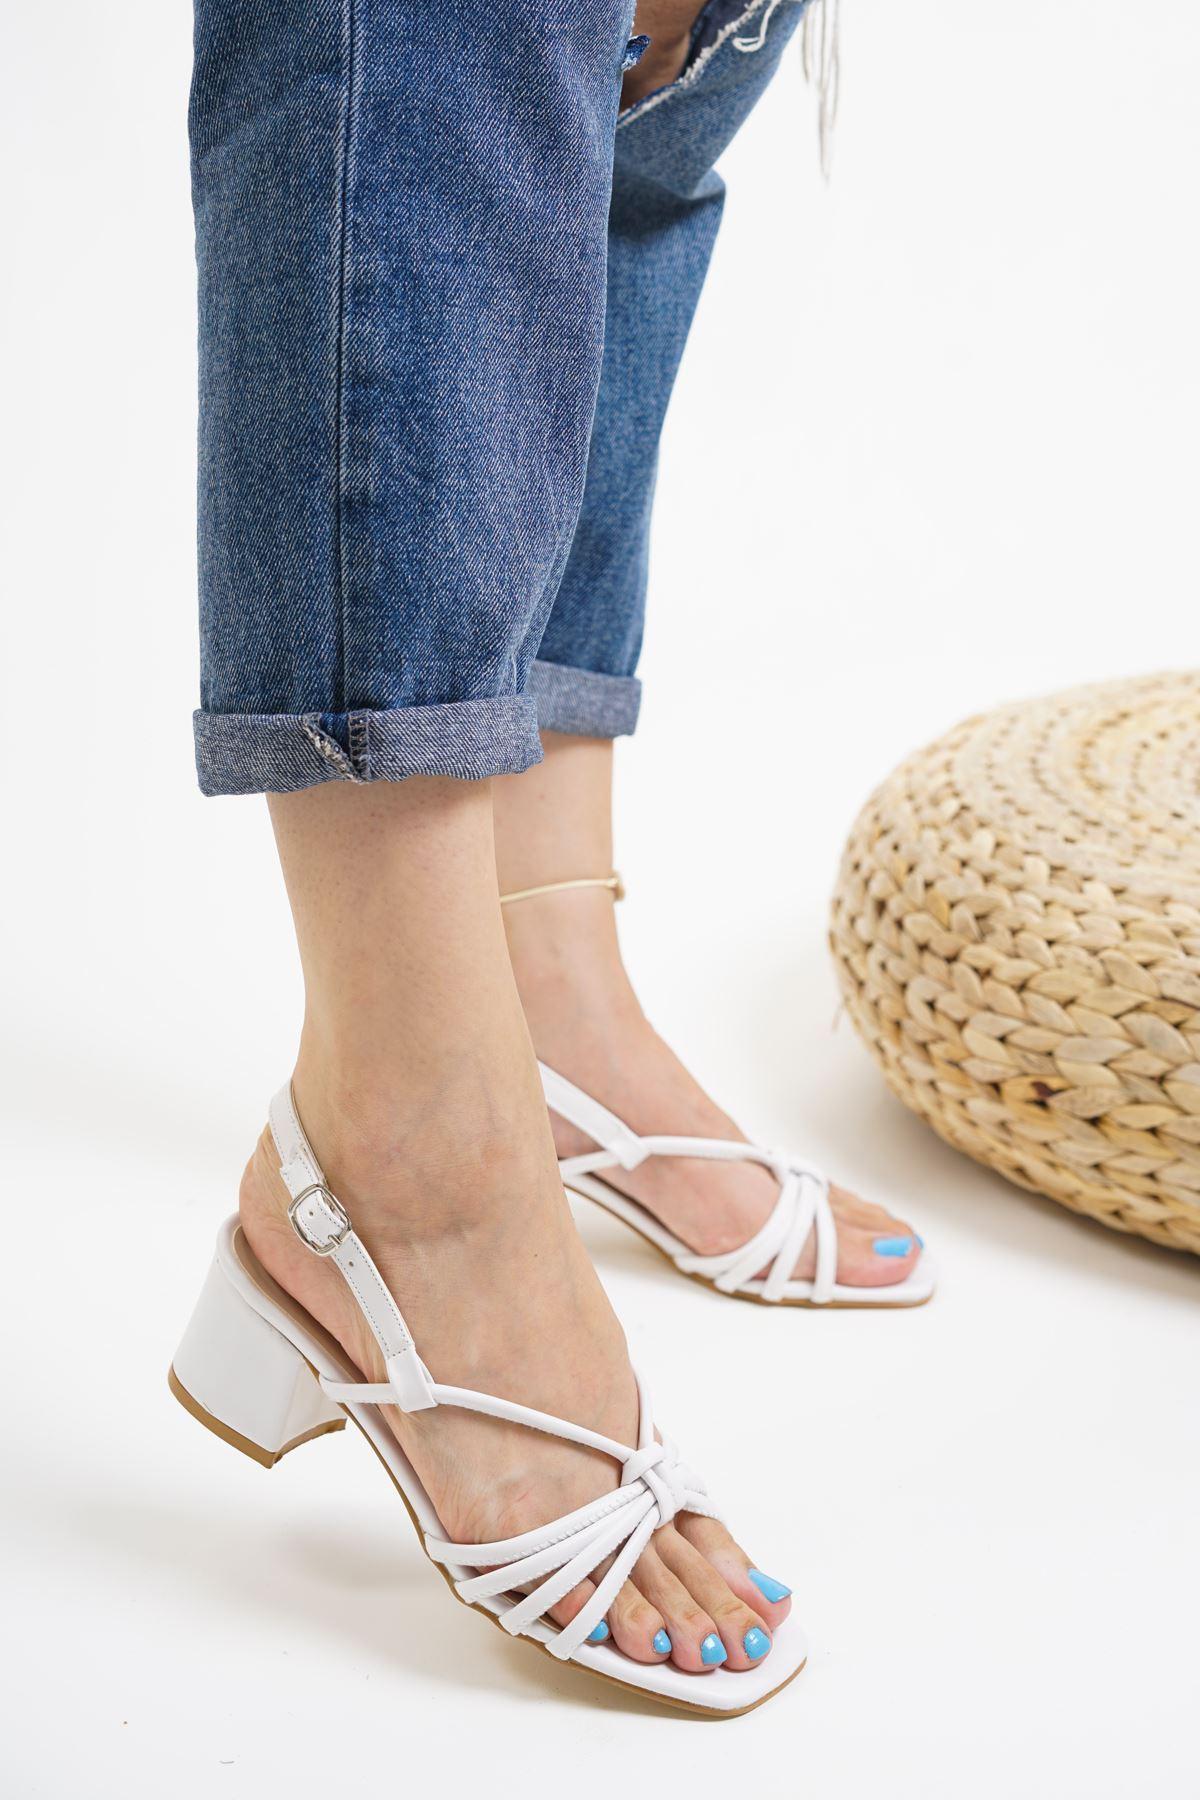 Gio Beyaz Mat Deri Kadın Topuklu Ayakkabı